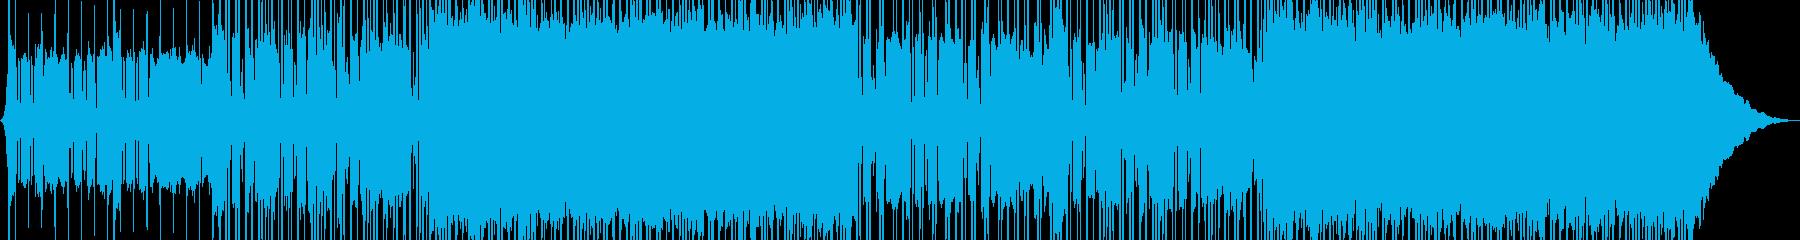 エネルギッシュなインディーロックの再生済みの波形